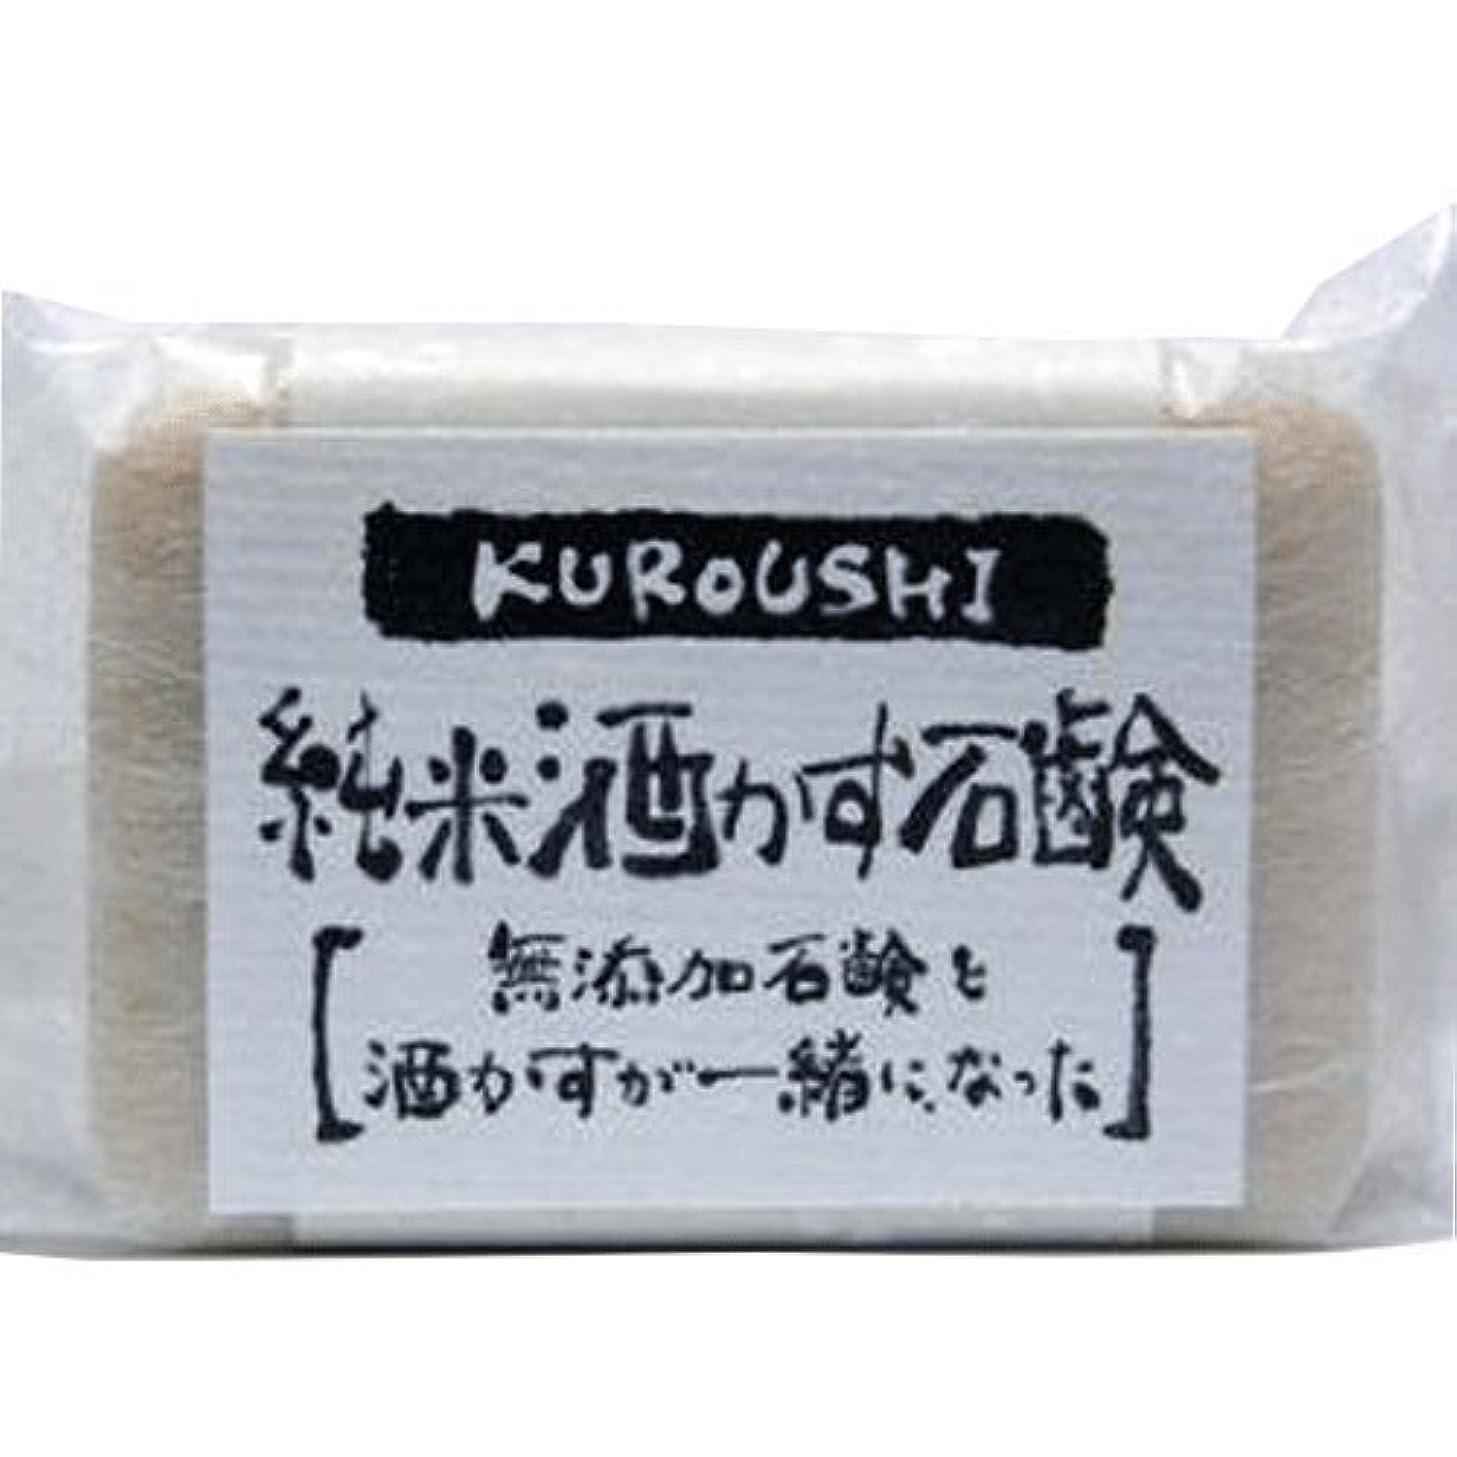 わずらわしいホームインターネットKUROUSHI 純米酒かす 無添加石鹸(せっけん) 120g 6個セット